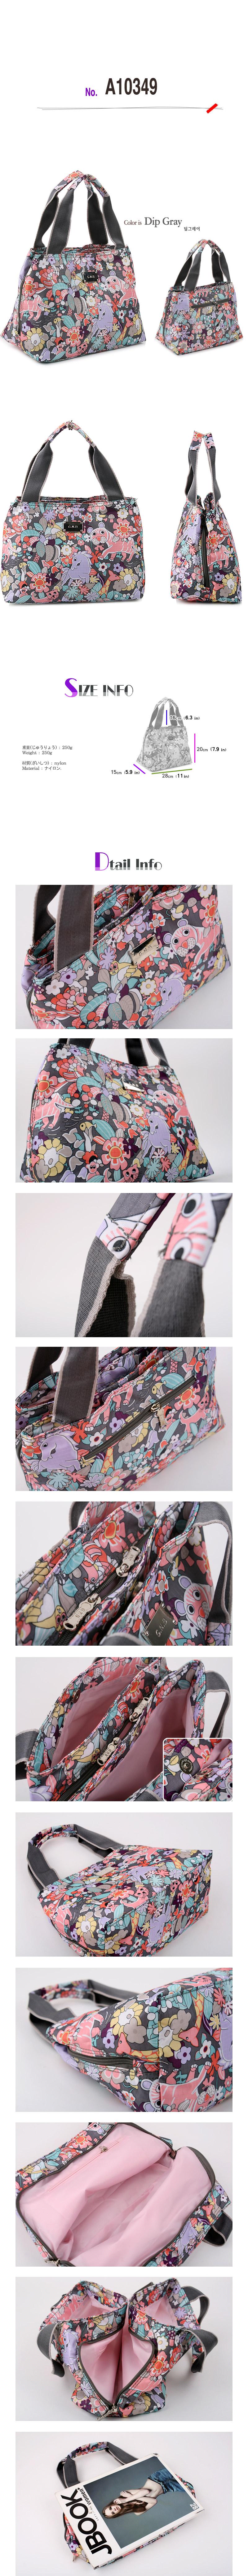 minibag no.A10349view